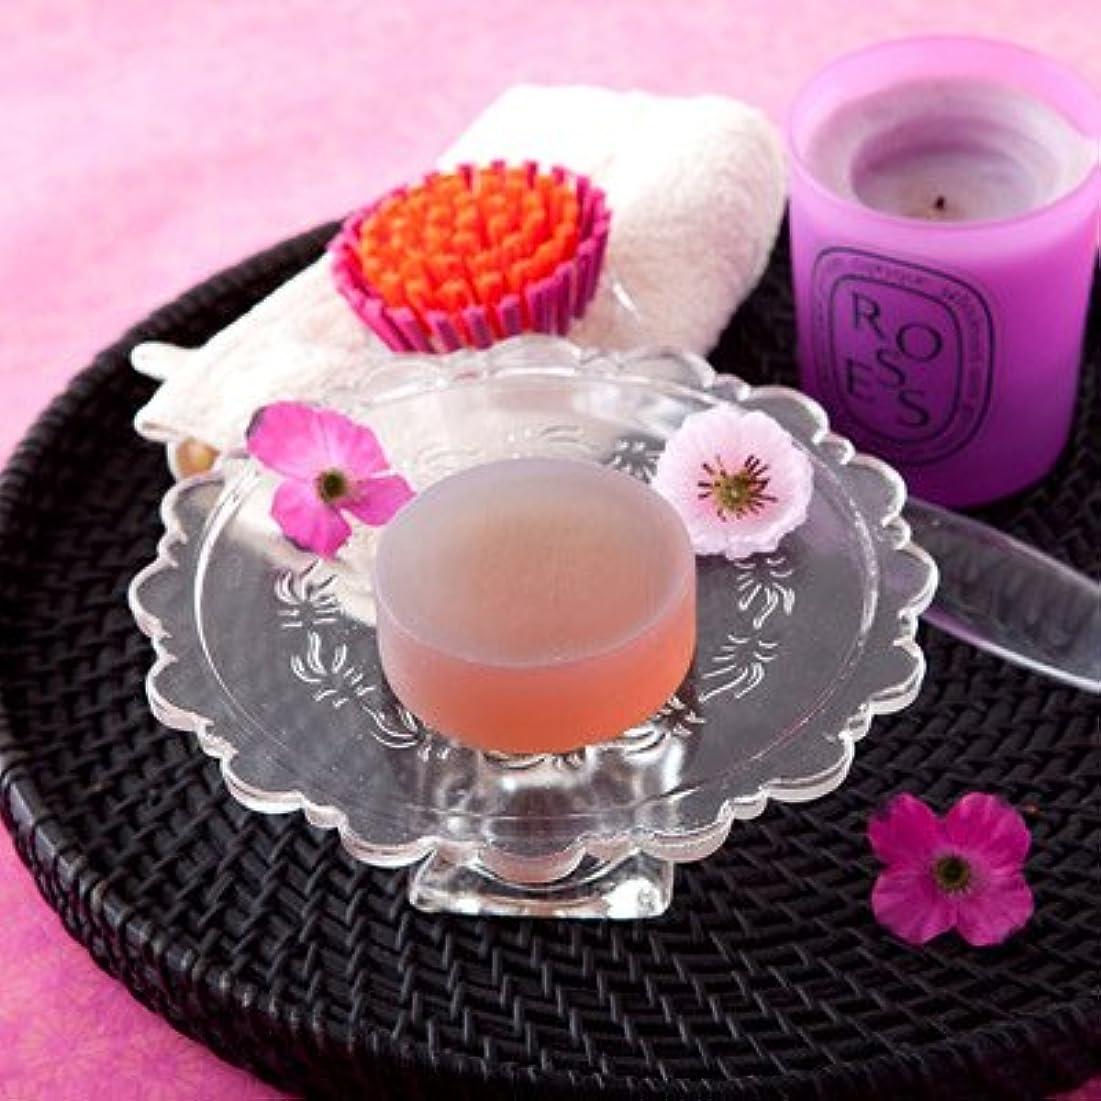 ゴミ適応する電極お肌の弱い方も安心なクリアソープセット ペアローザ エステソープ 紫潤(2個セット)